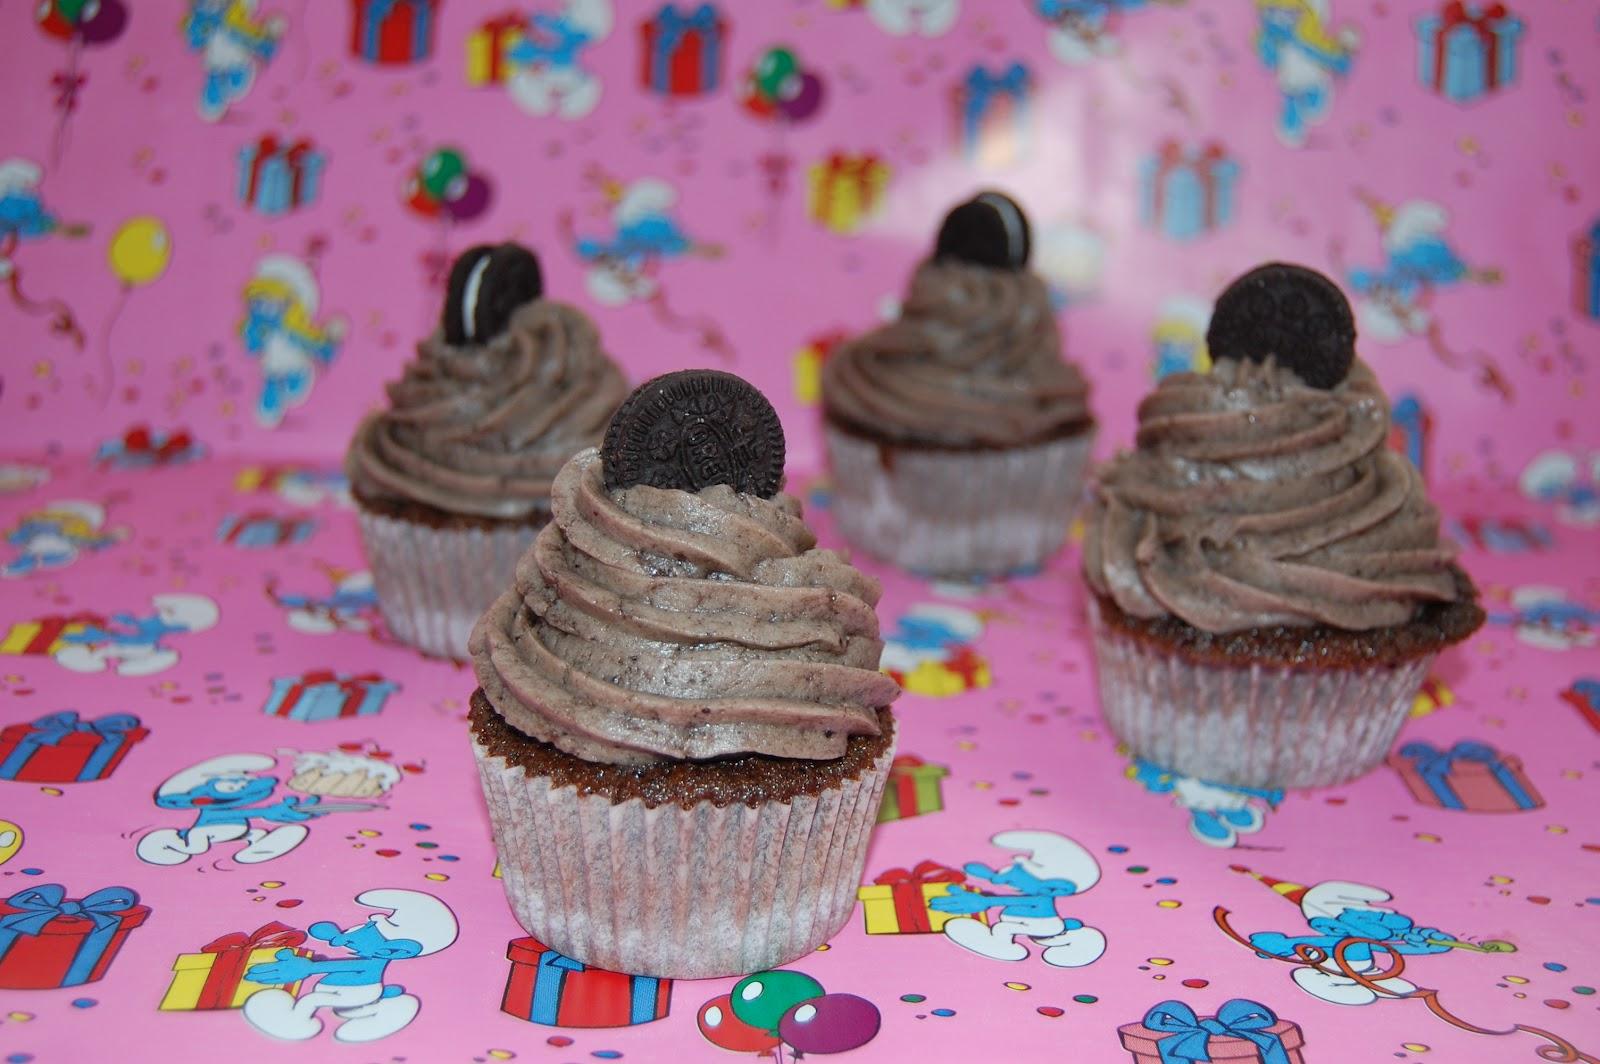 http://azucarenmicocina.blogspot.com.es/2012/06/cupcakes-de-oreo-con-buttercream-de.html